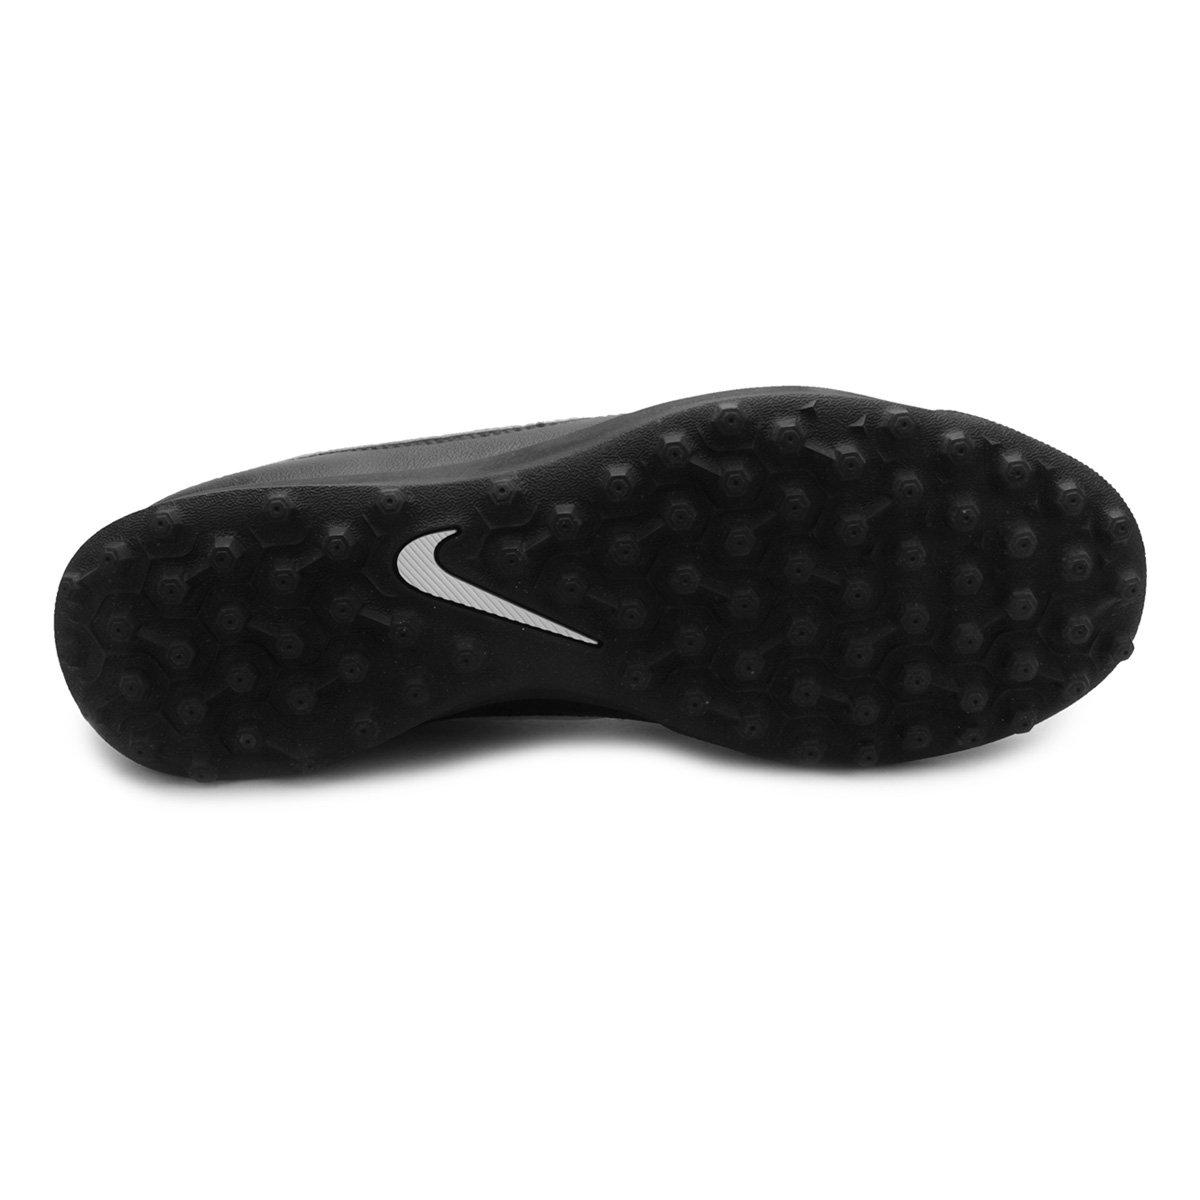 023ac73fa1 Chuteira Society Nike Majestry TF - Shopping TudoAzul